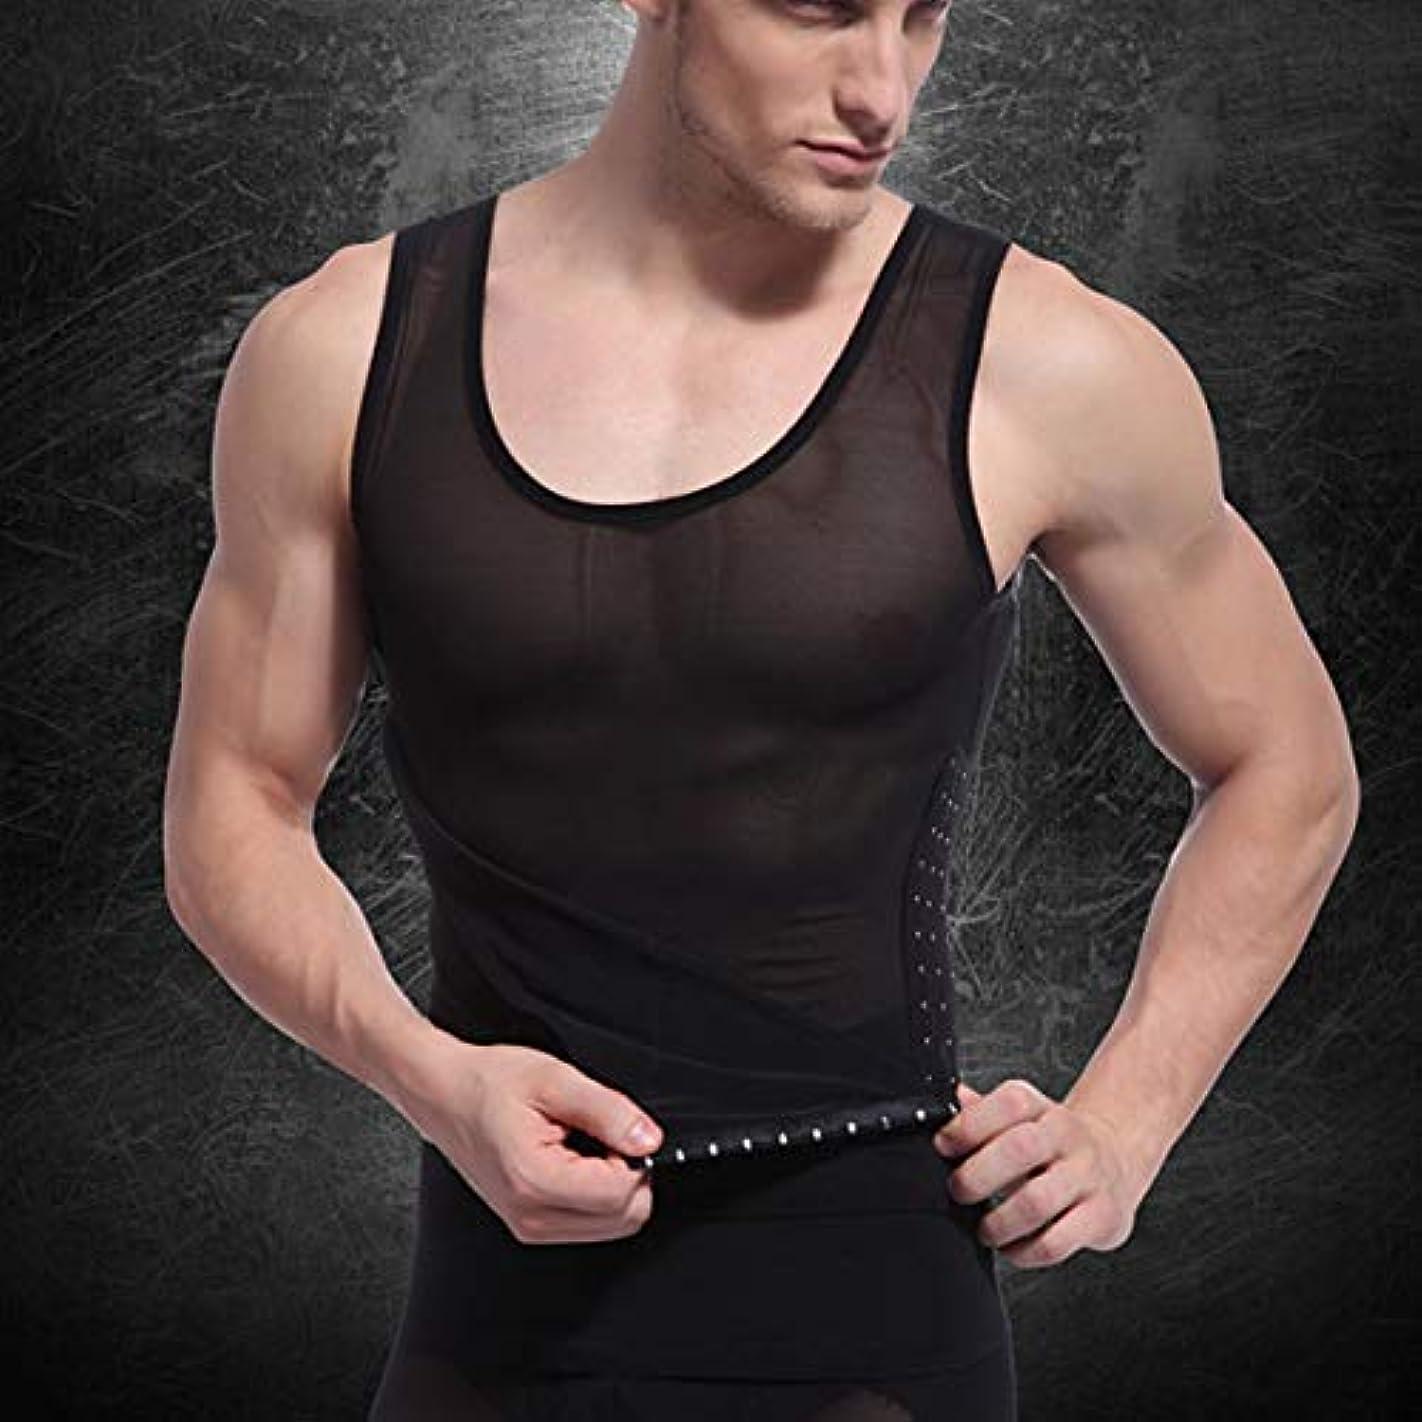 ライセンス代数ファームIntercoreyボディ型ノースリーブベストボディシェイパーチューニング腹ウエストトレーナーコルセットトップス快適な下着服シェイプウェア